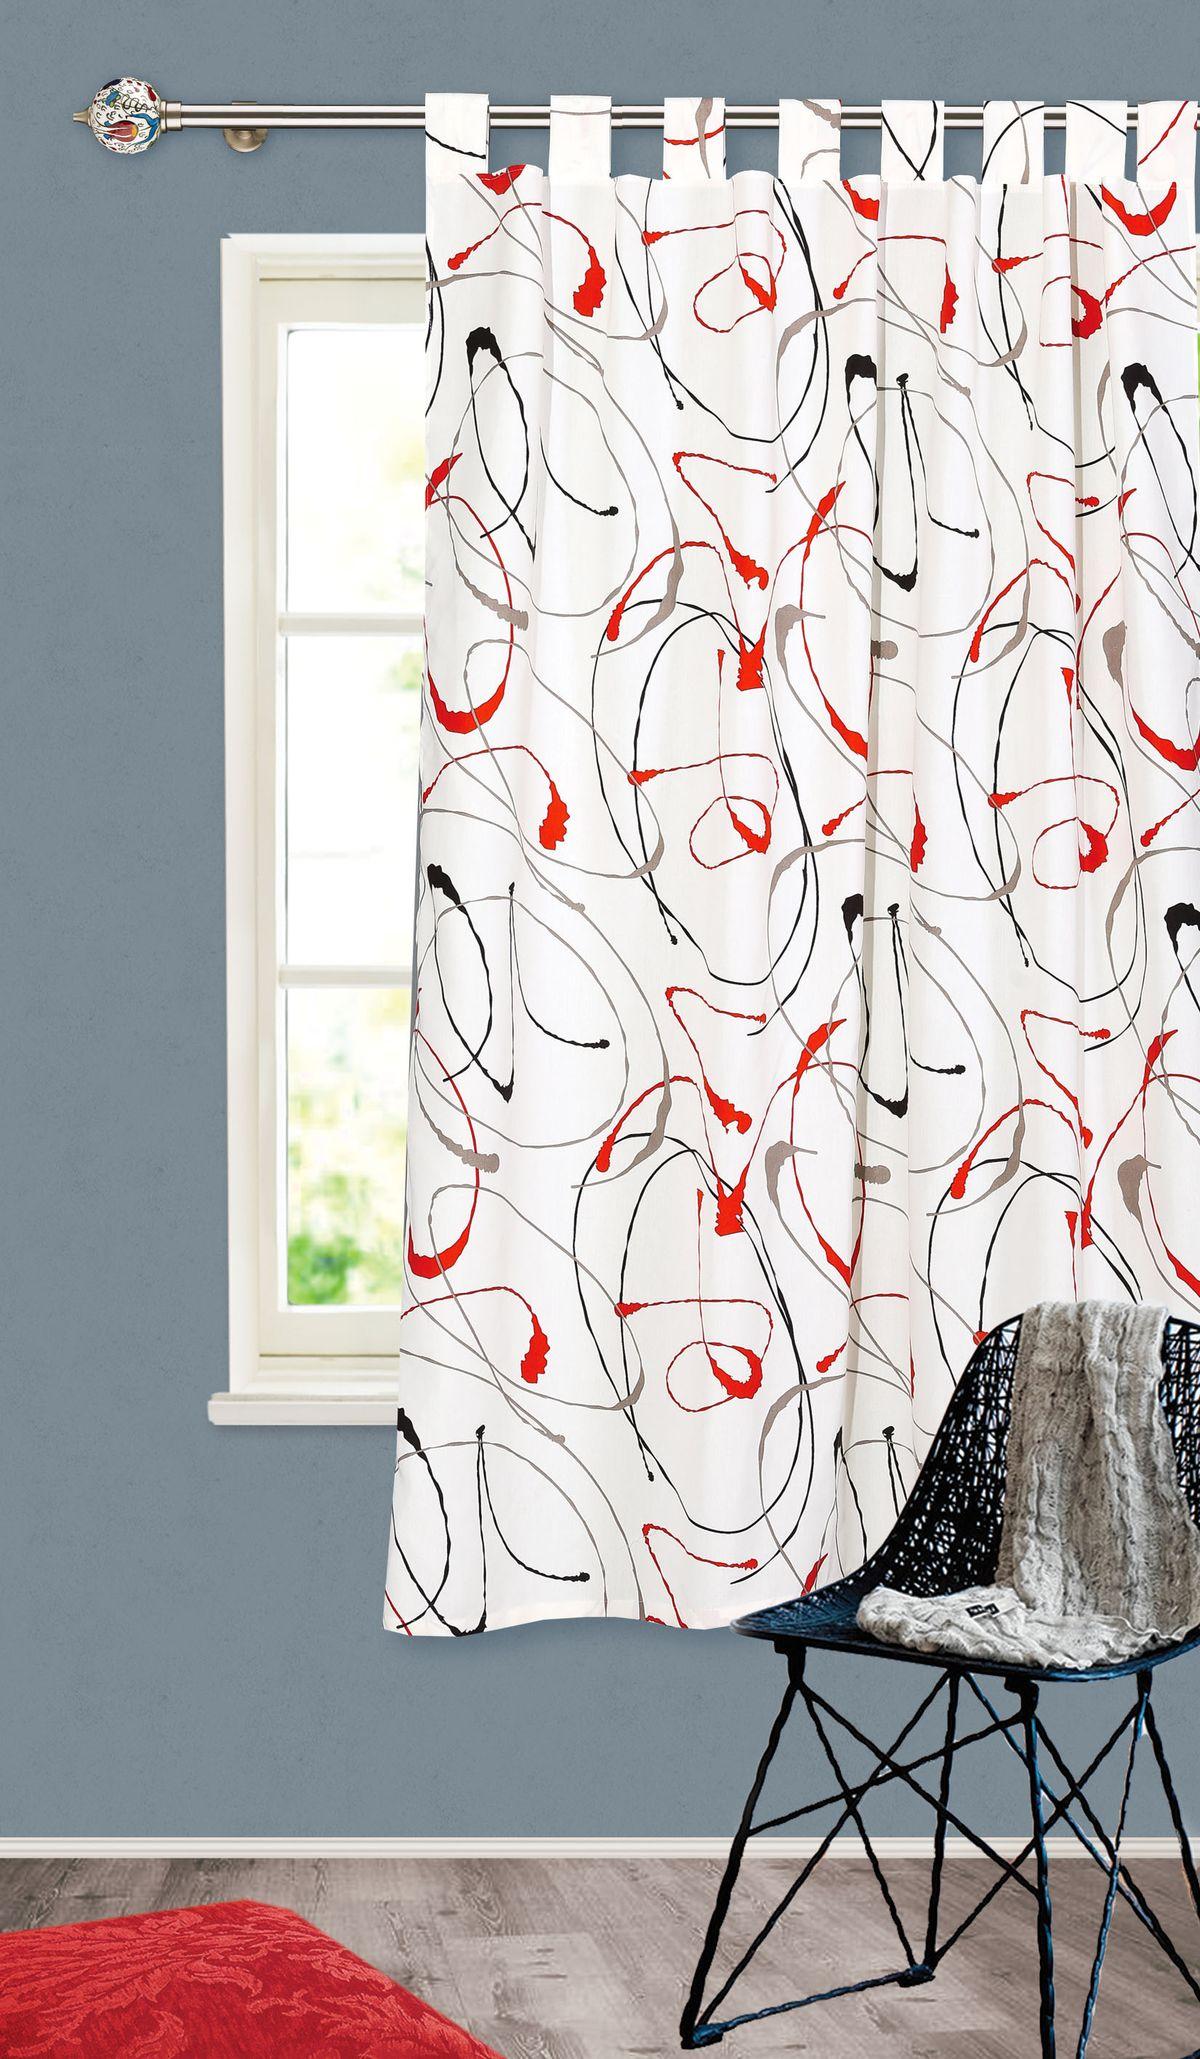 Штора готовая Garden, на петлях, цвет: белый, 140х180 см. С 4342 - W1687 140х180 V31GC220/05Штора для кухни Garden выполнена из плотной ткани с рисунком. Приятная текстура материала и яркая цветовая гамма привлекут к себе внимание и станут великолепным украшением кухонного окна. Штора крепится на карниз при помощи петель, которая поможет красиво и равномерно задрапировать верх.